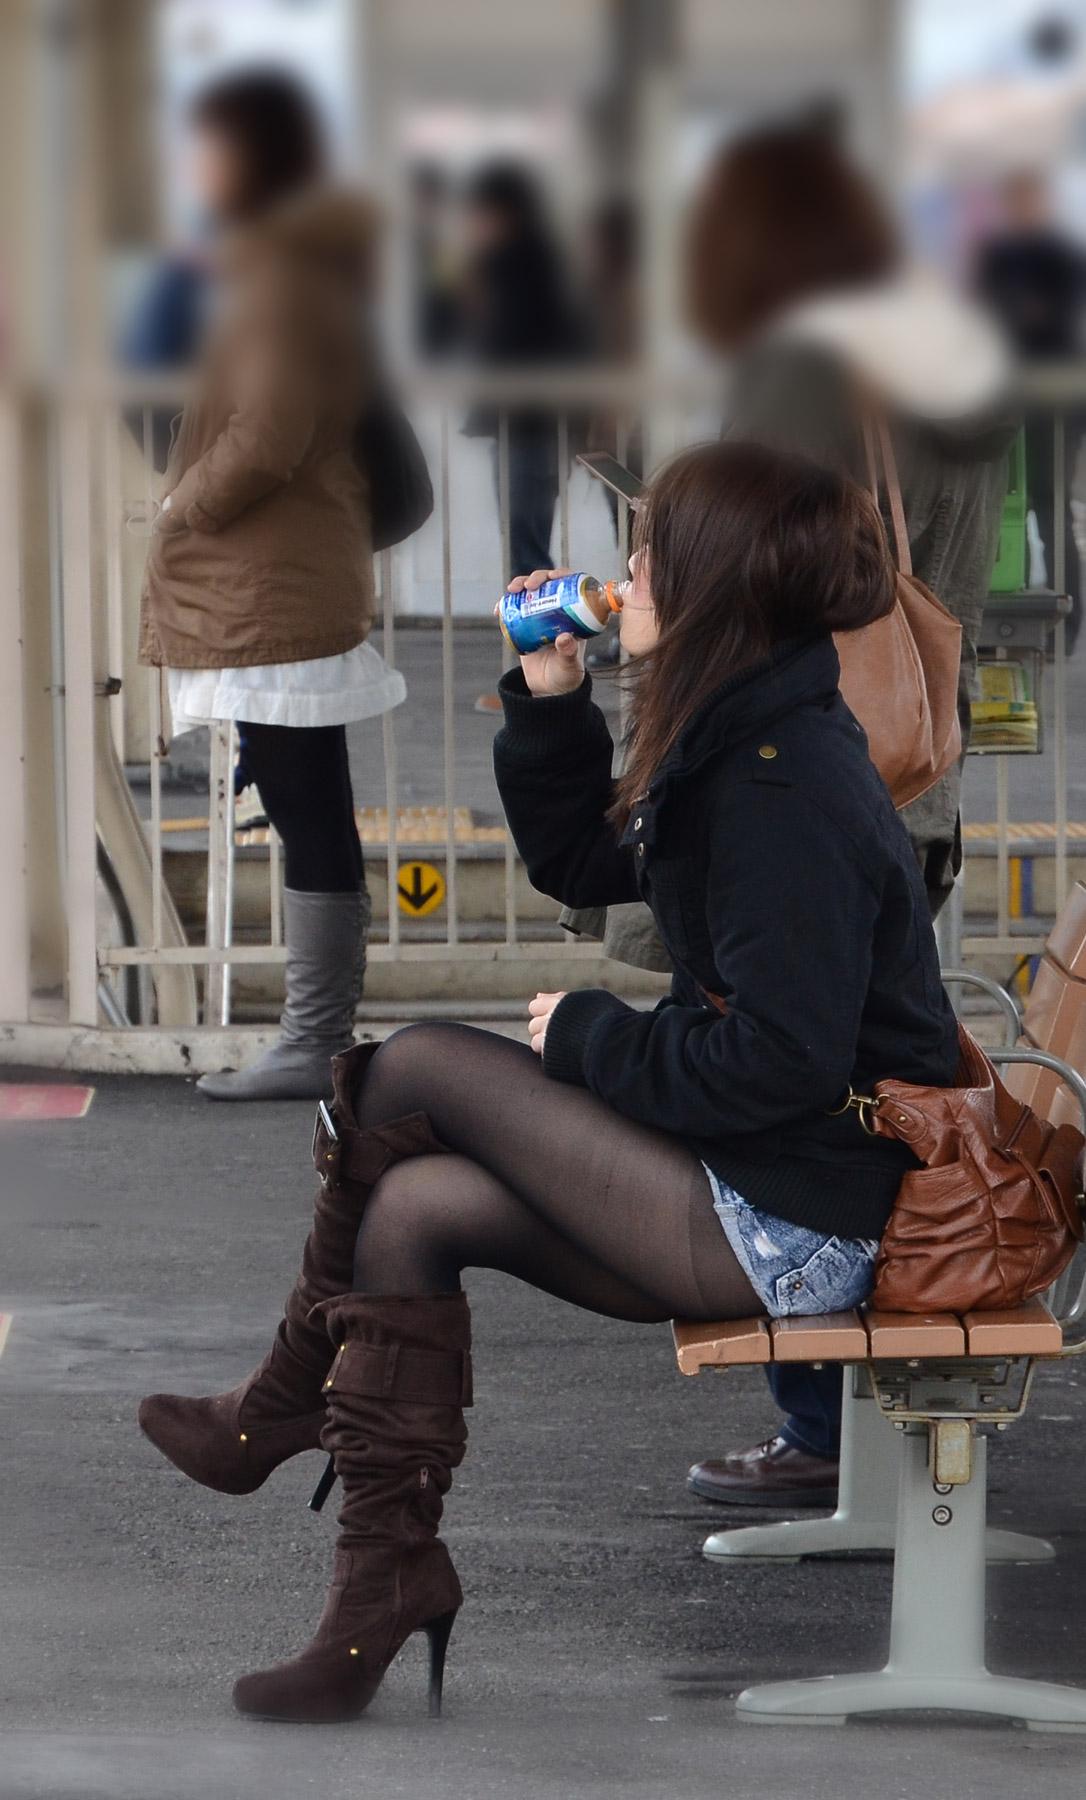 三次元 3次元 エロ画像 黒パンスト 街撮り 素人 美脚  べっぴん娘通信 35